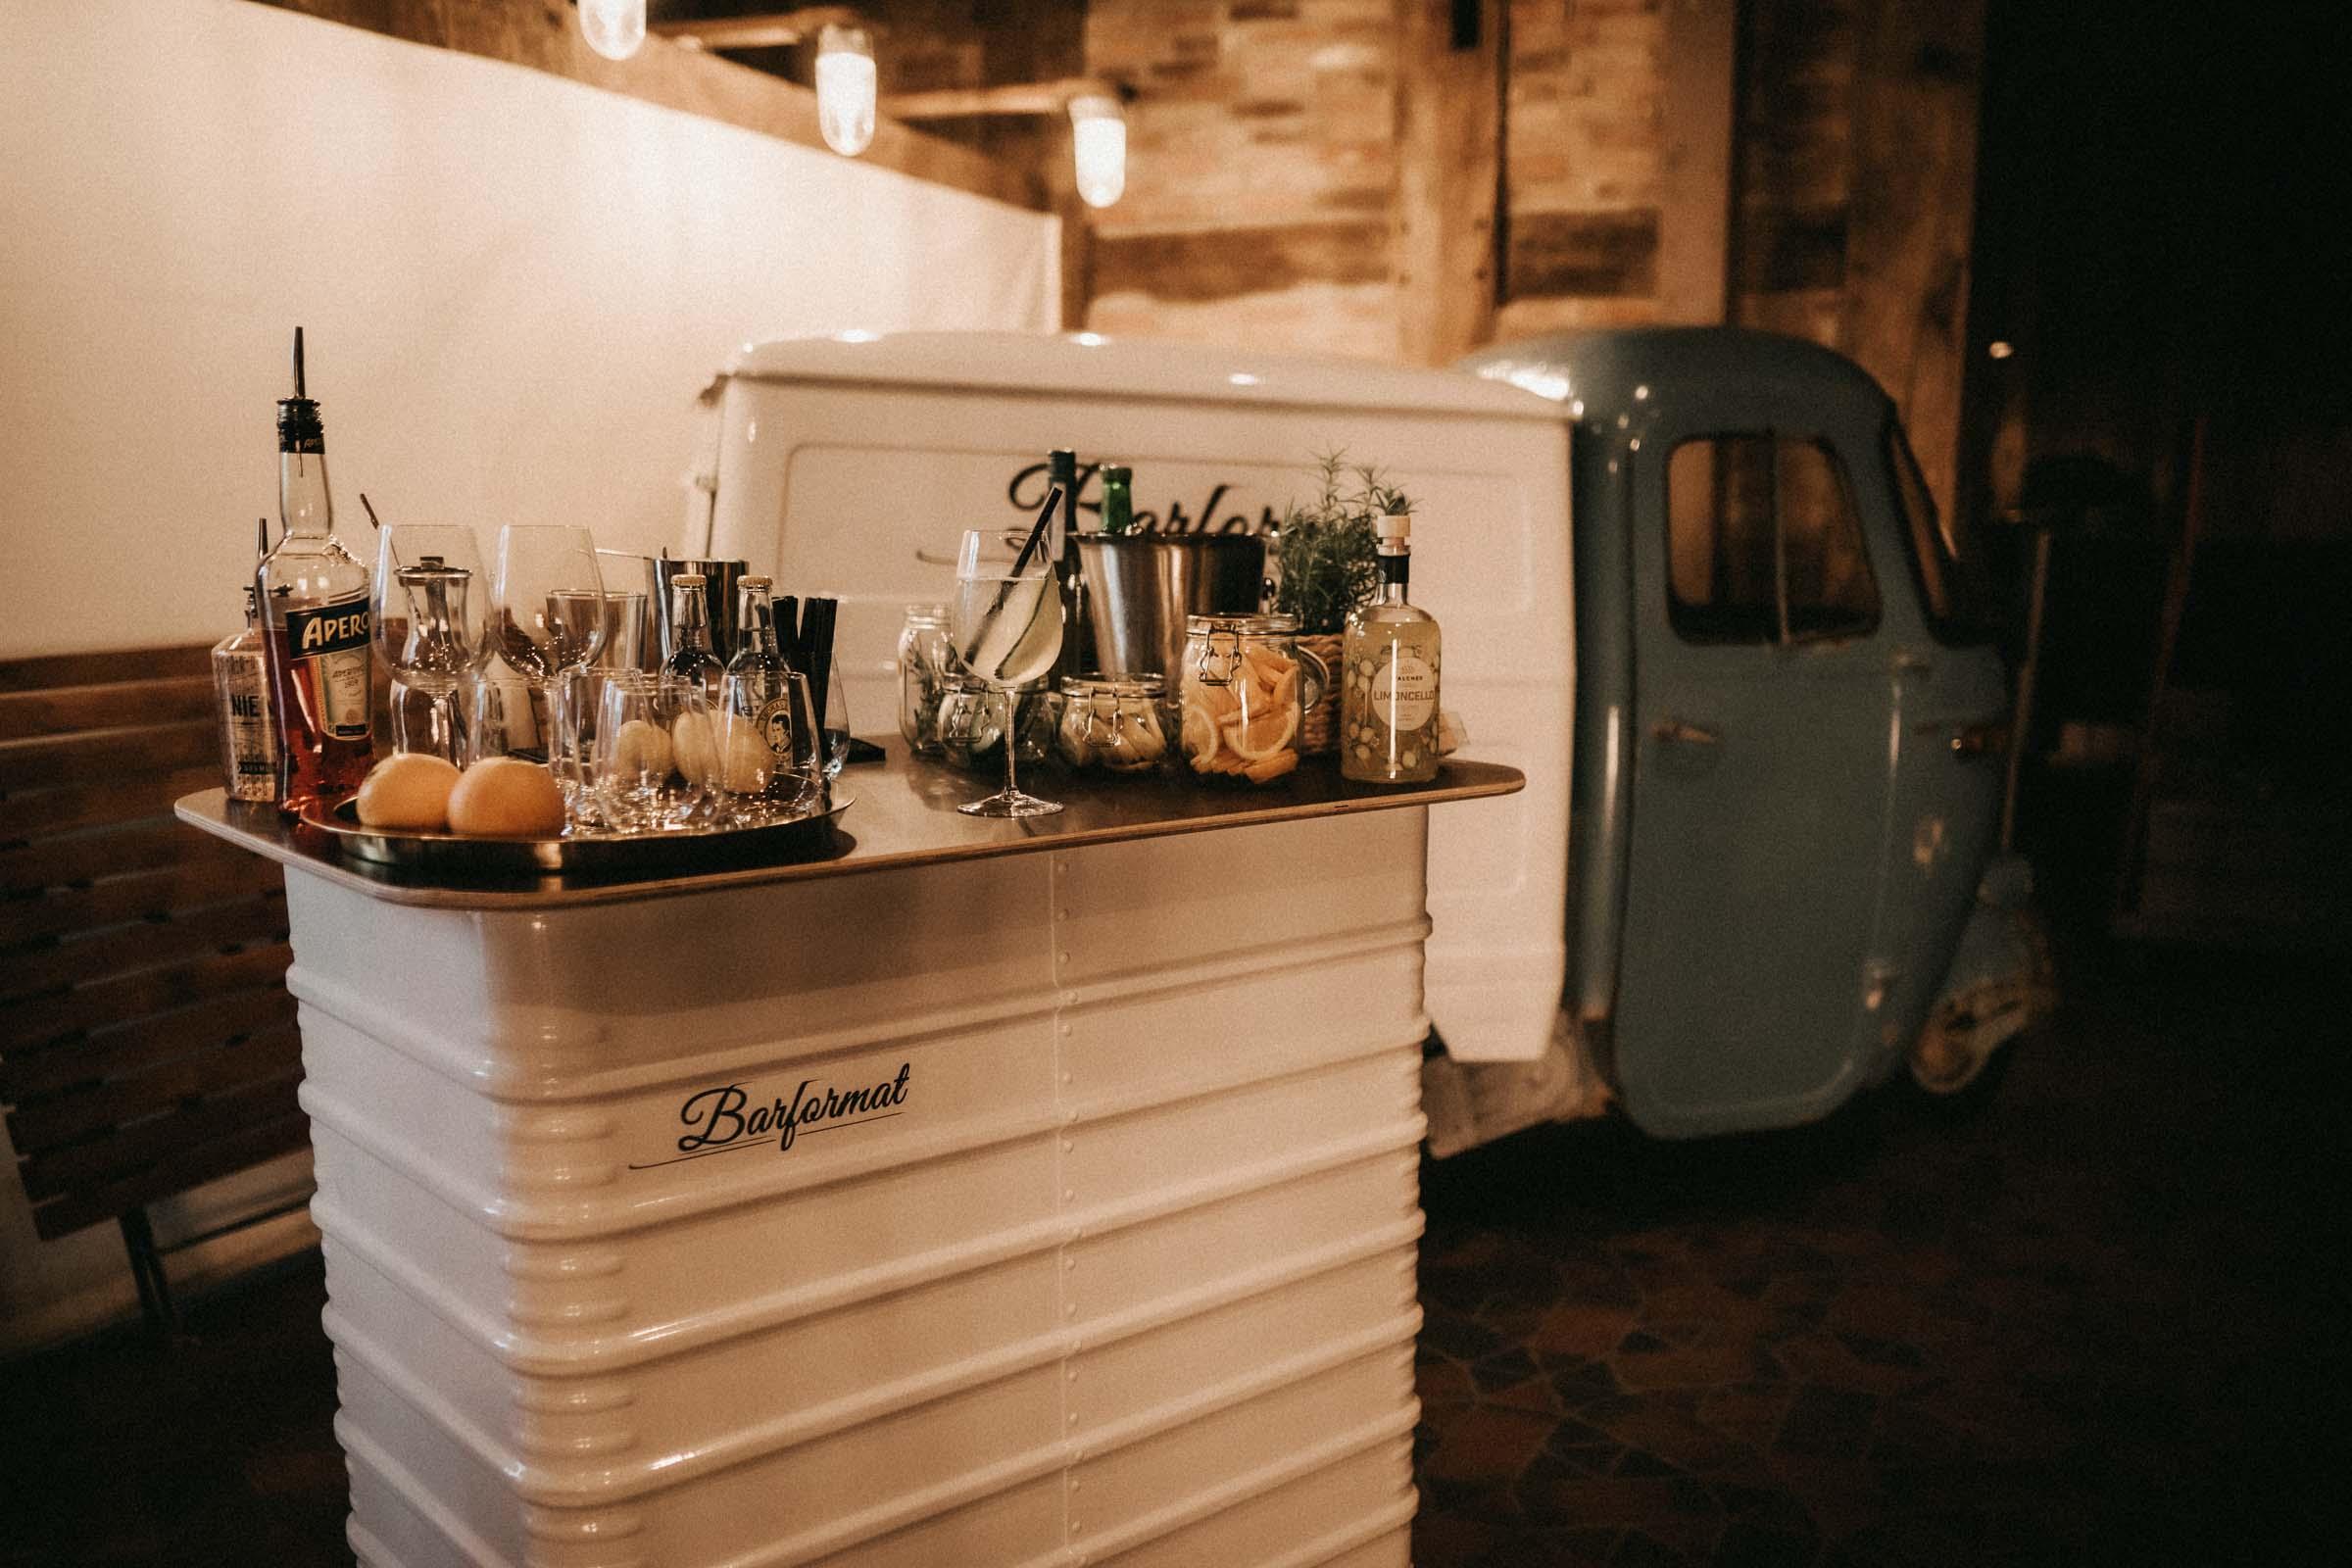 Mobile | Bar | Hannover | Hamburg | Bremen | Braunschweig | Cocktailbar | Sektempfang | Bulli | Bar | Hochzeit | Cocktailservice | Barkeeper | Firmenfeiern | Messen | Catering | Food | Truck | Getränke | Ape | VW | Barformat